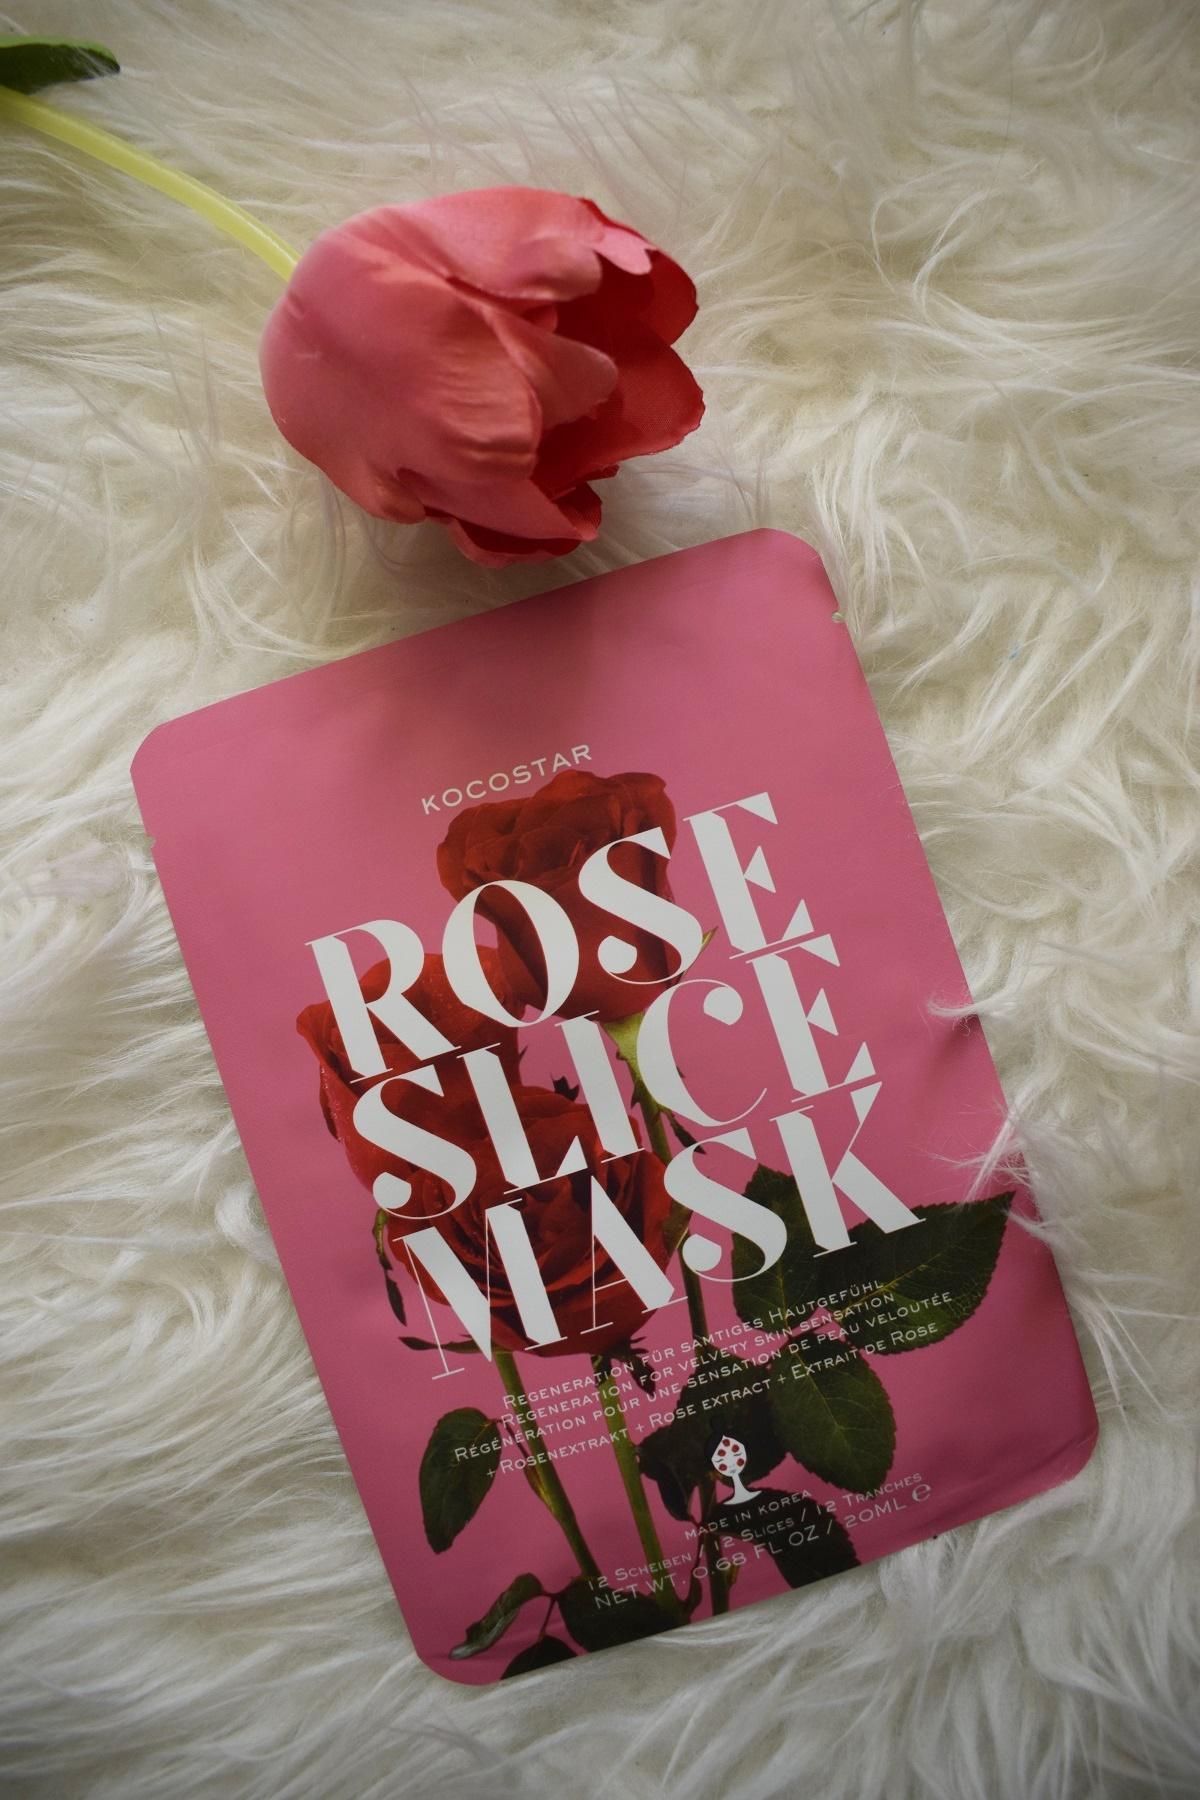 Alles neu macht der Mai - kocostar rosen gesichtsmaske